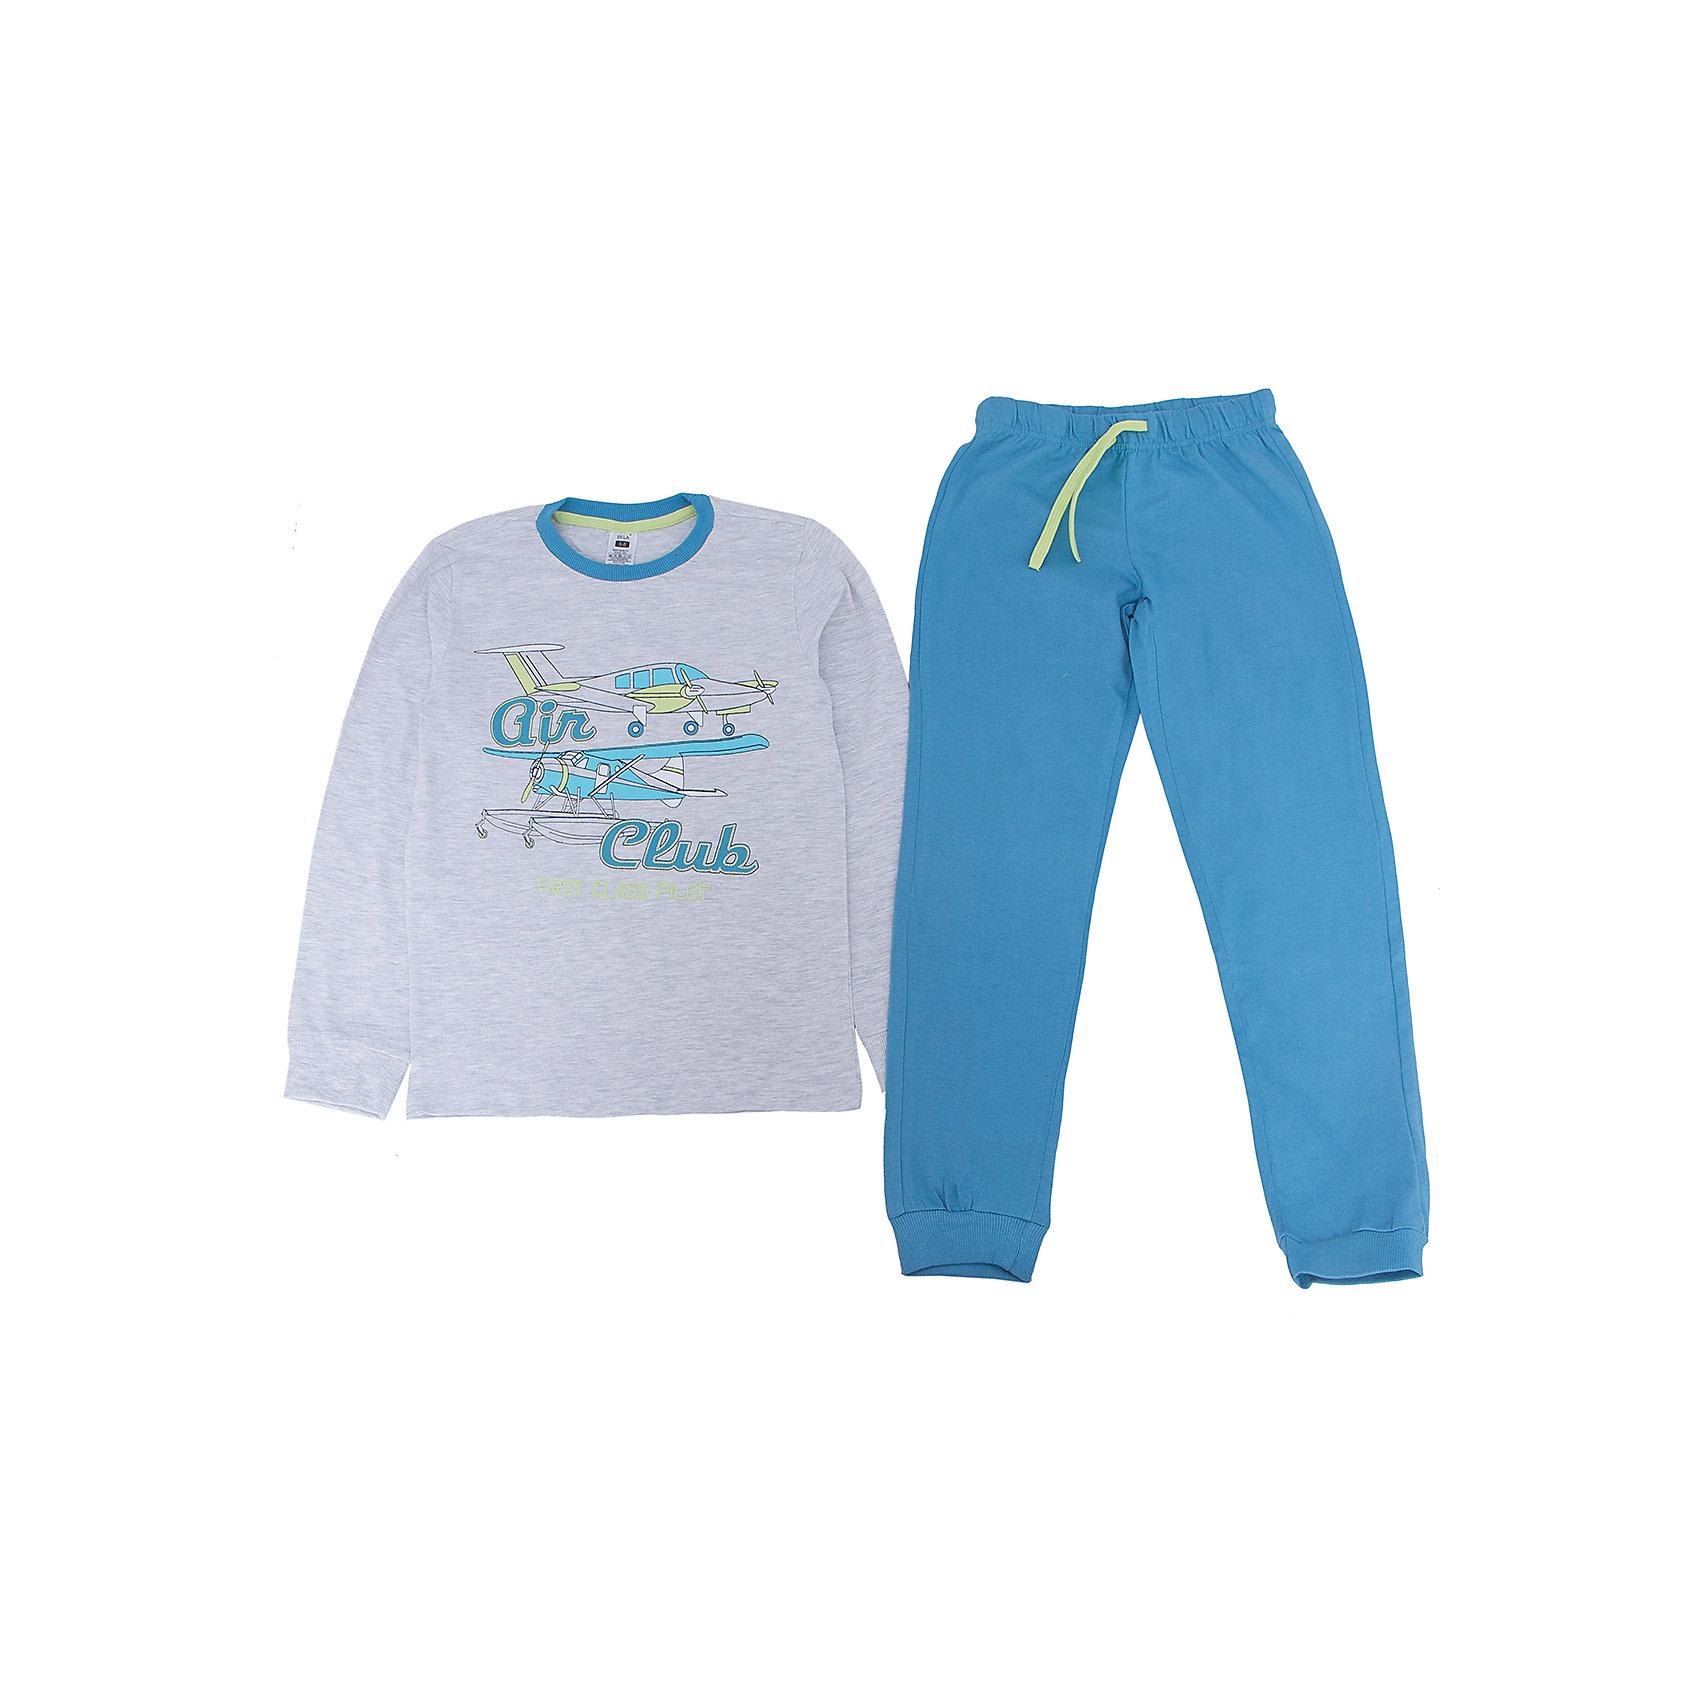 Пижама для мальчика SELAПижама для мальчика SELA<br><br>Характеристики:<br><br>- цвет: серый/голубой<br>- в комплект входит: штаны, кофта<br>- свободный силуэт<br>- эластичные манжеты<br>- состав: кофта: хлопок 93%, полиэстер 7%; штаны: хлопок 100% <br>- для детей в возрасте: от 2 до 6 лет<br>- страна производитель: Индия<br><br>Яркая пижама сине-серого цвета из новой коллекции весна 2017 от популярного бренда одежды SELA (Сэла). Пижама с большими самолетами отлично подойдет для использования на каждый день в прохладное время года. Натуральная хлопчатобумажная ткань изделия отлично пропускает воздух и позволяет коже дышать. Свободный силуэт пижамы обеспечивает необходимый комфорт во время сна. Воздушная тематика новой пижамы поможет отправиться на поиски приключений в мир приятных и увлекательных снов. <br><br>Пижаму для мальчика SELA можно купить в нашем интернет-магазине.<br><br>Ширина мм: 281<br>Глубина мм: 70<br>Высота мм: 188<br>Вес г: 295<br>Цвет: серый<br>Возраст от месяцев: 96<br>Возраст до месяцев: 108<br>Пол: Мужской<br>Возраст: Детский<br>Размер: 92/98,104/110,116/122,128/134,140/146<br>SKU: 5302893